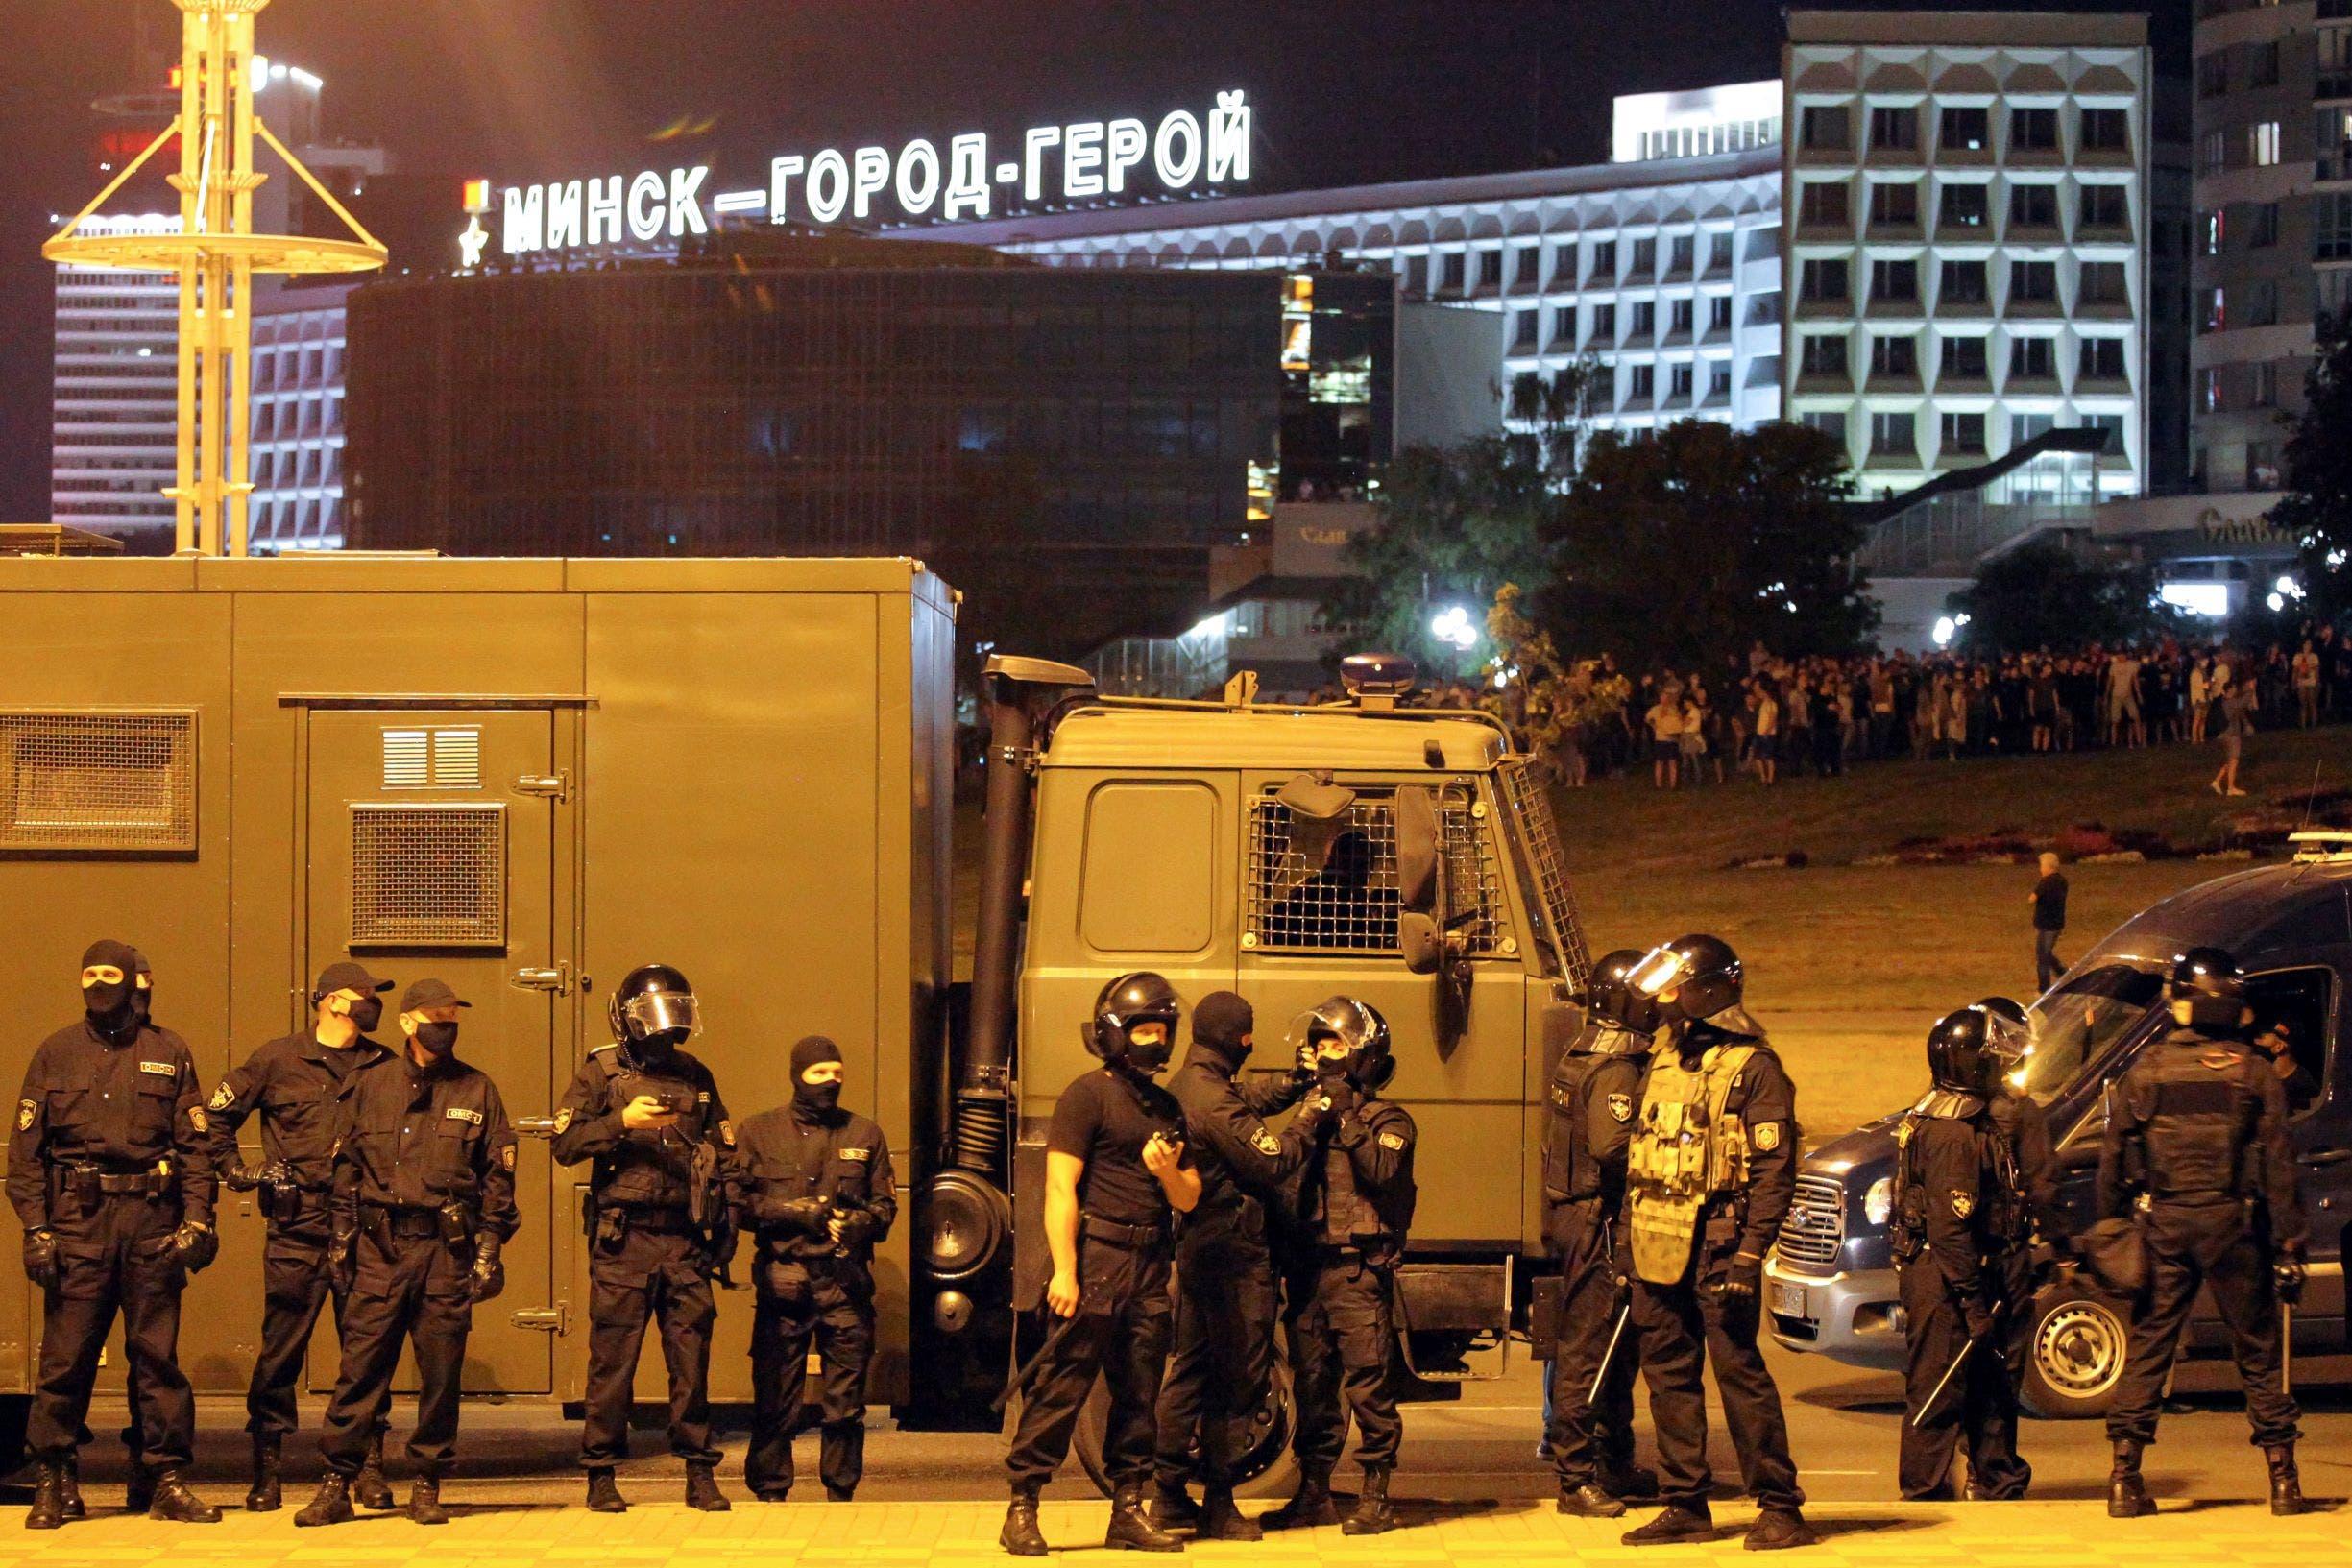 من احتجاجات بيلاروسيا - فرانس برس